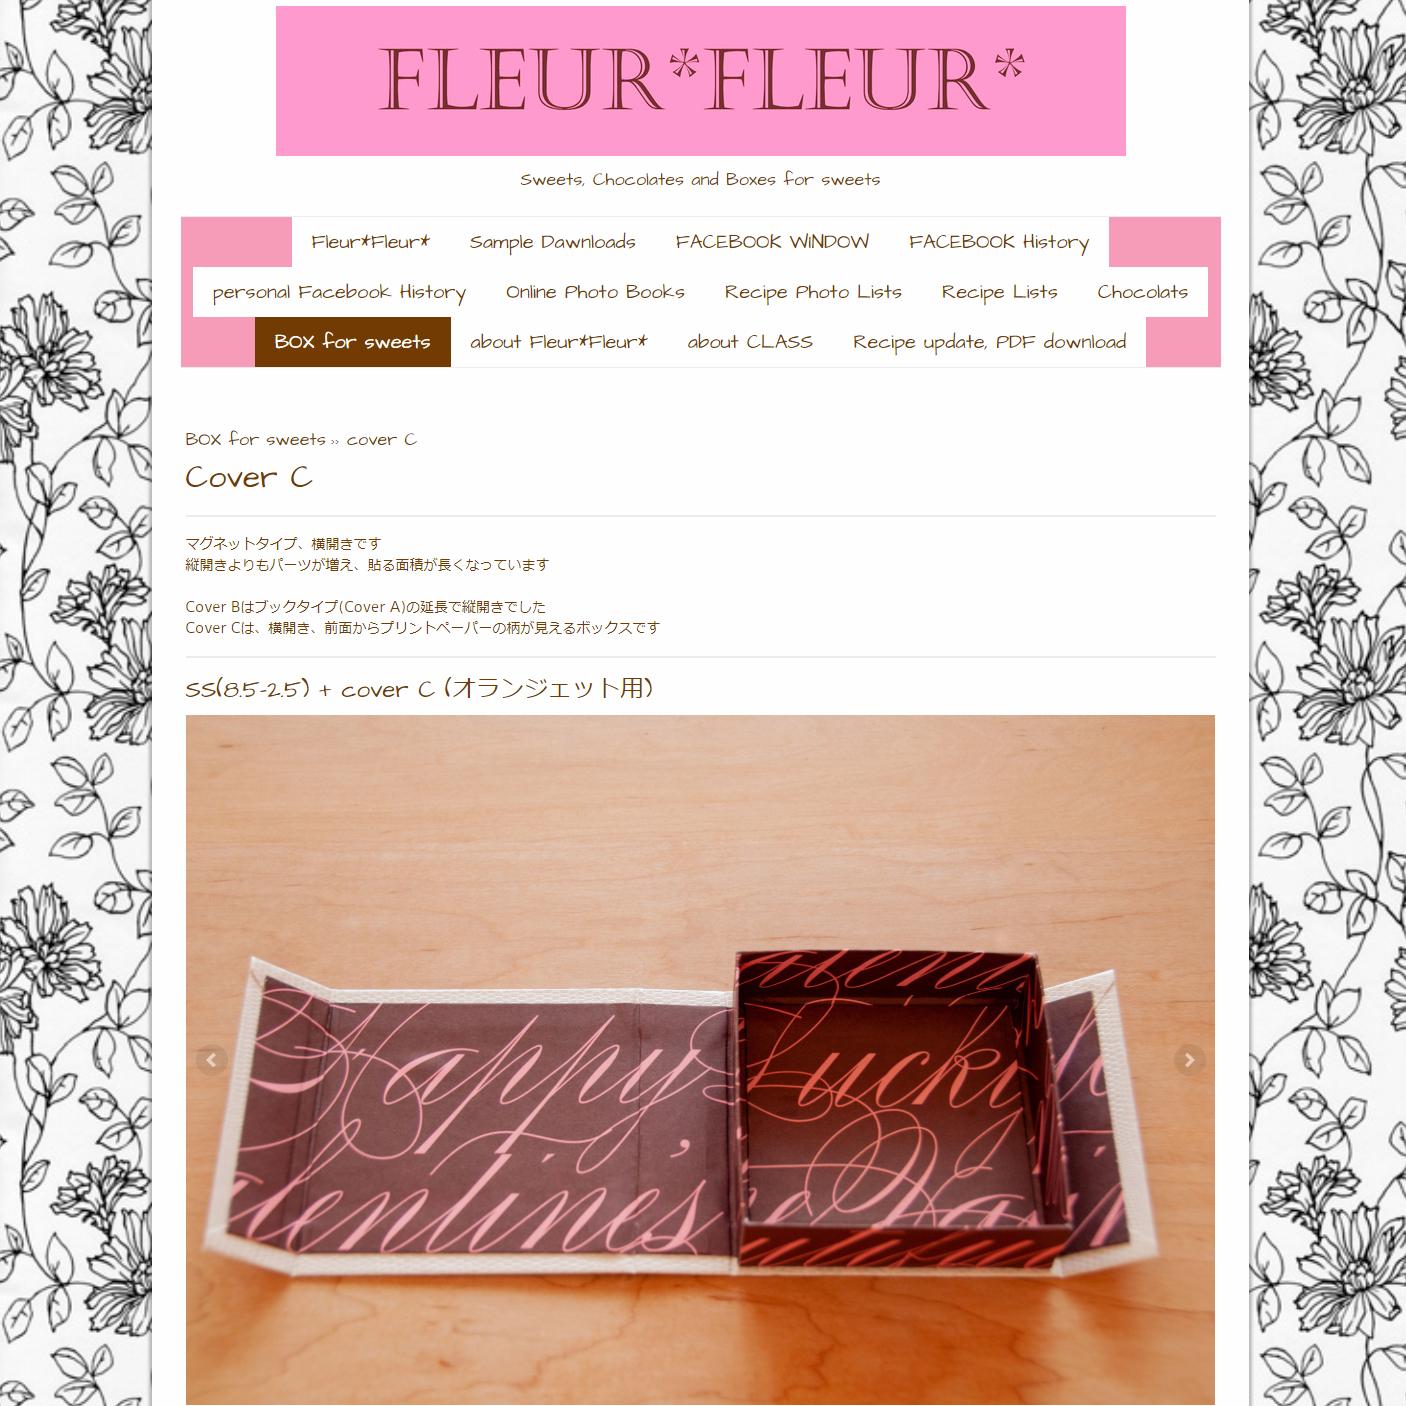 201902, Fleur*Fleur*